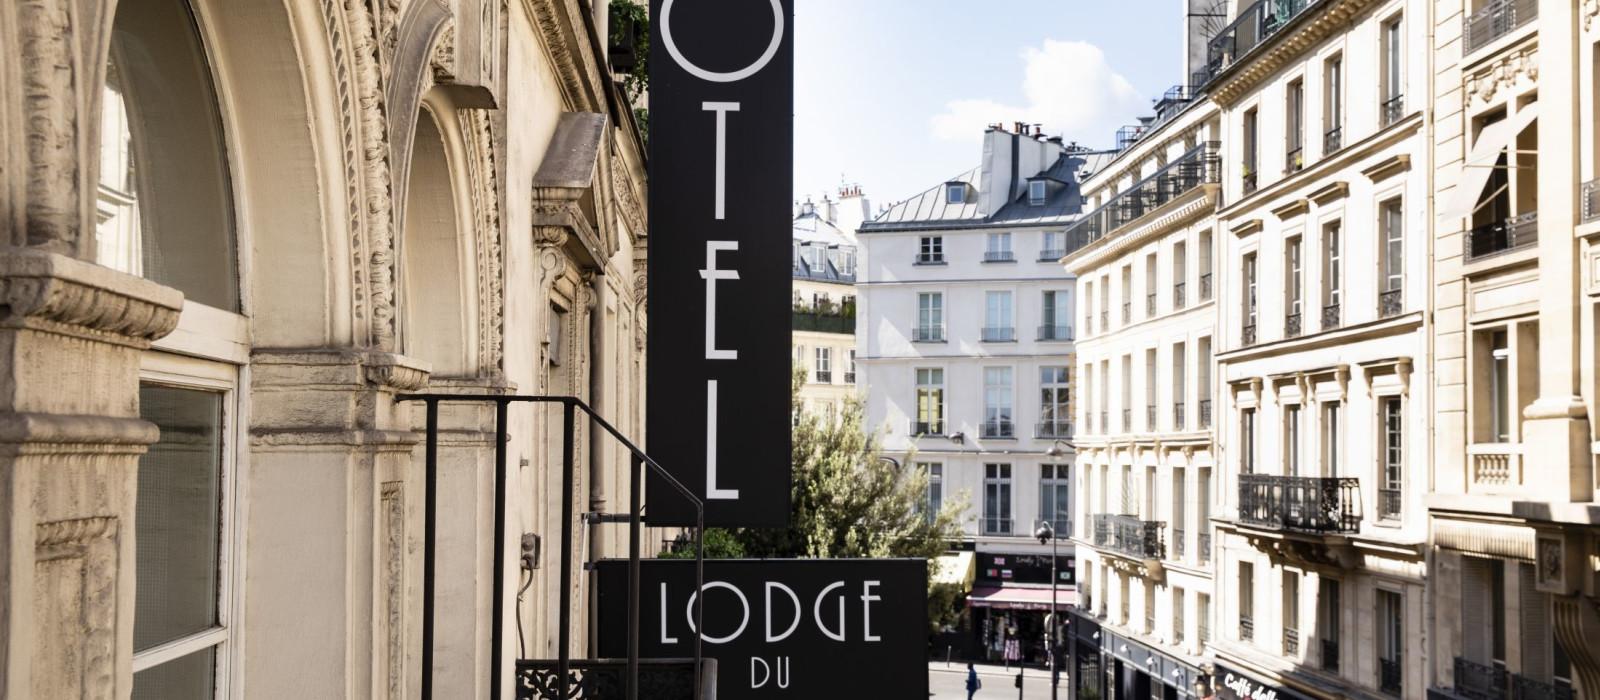 Hotel Hôtel Lodge du Centre France